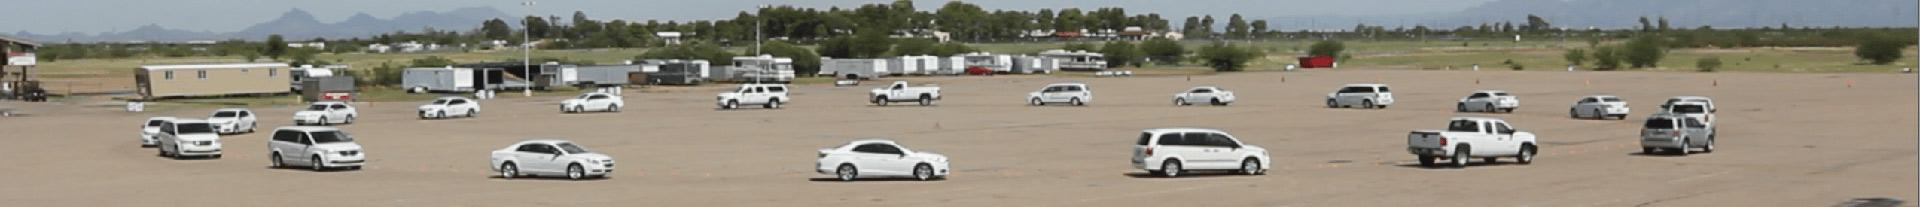 Даже 5% беспилотных автомобилей сильно увеличивают пропускную способность дорог - 1